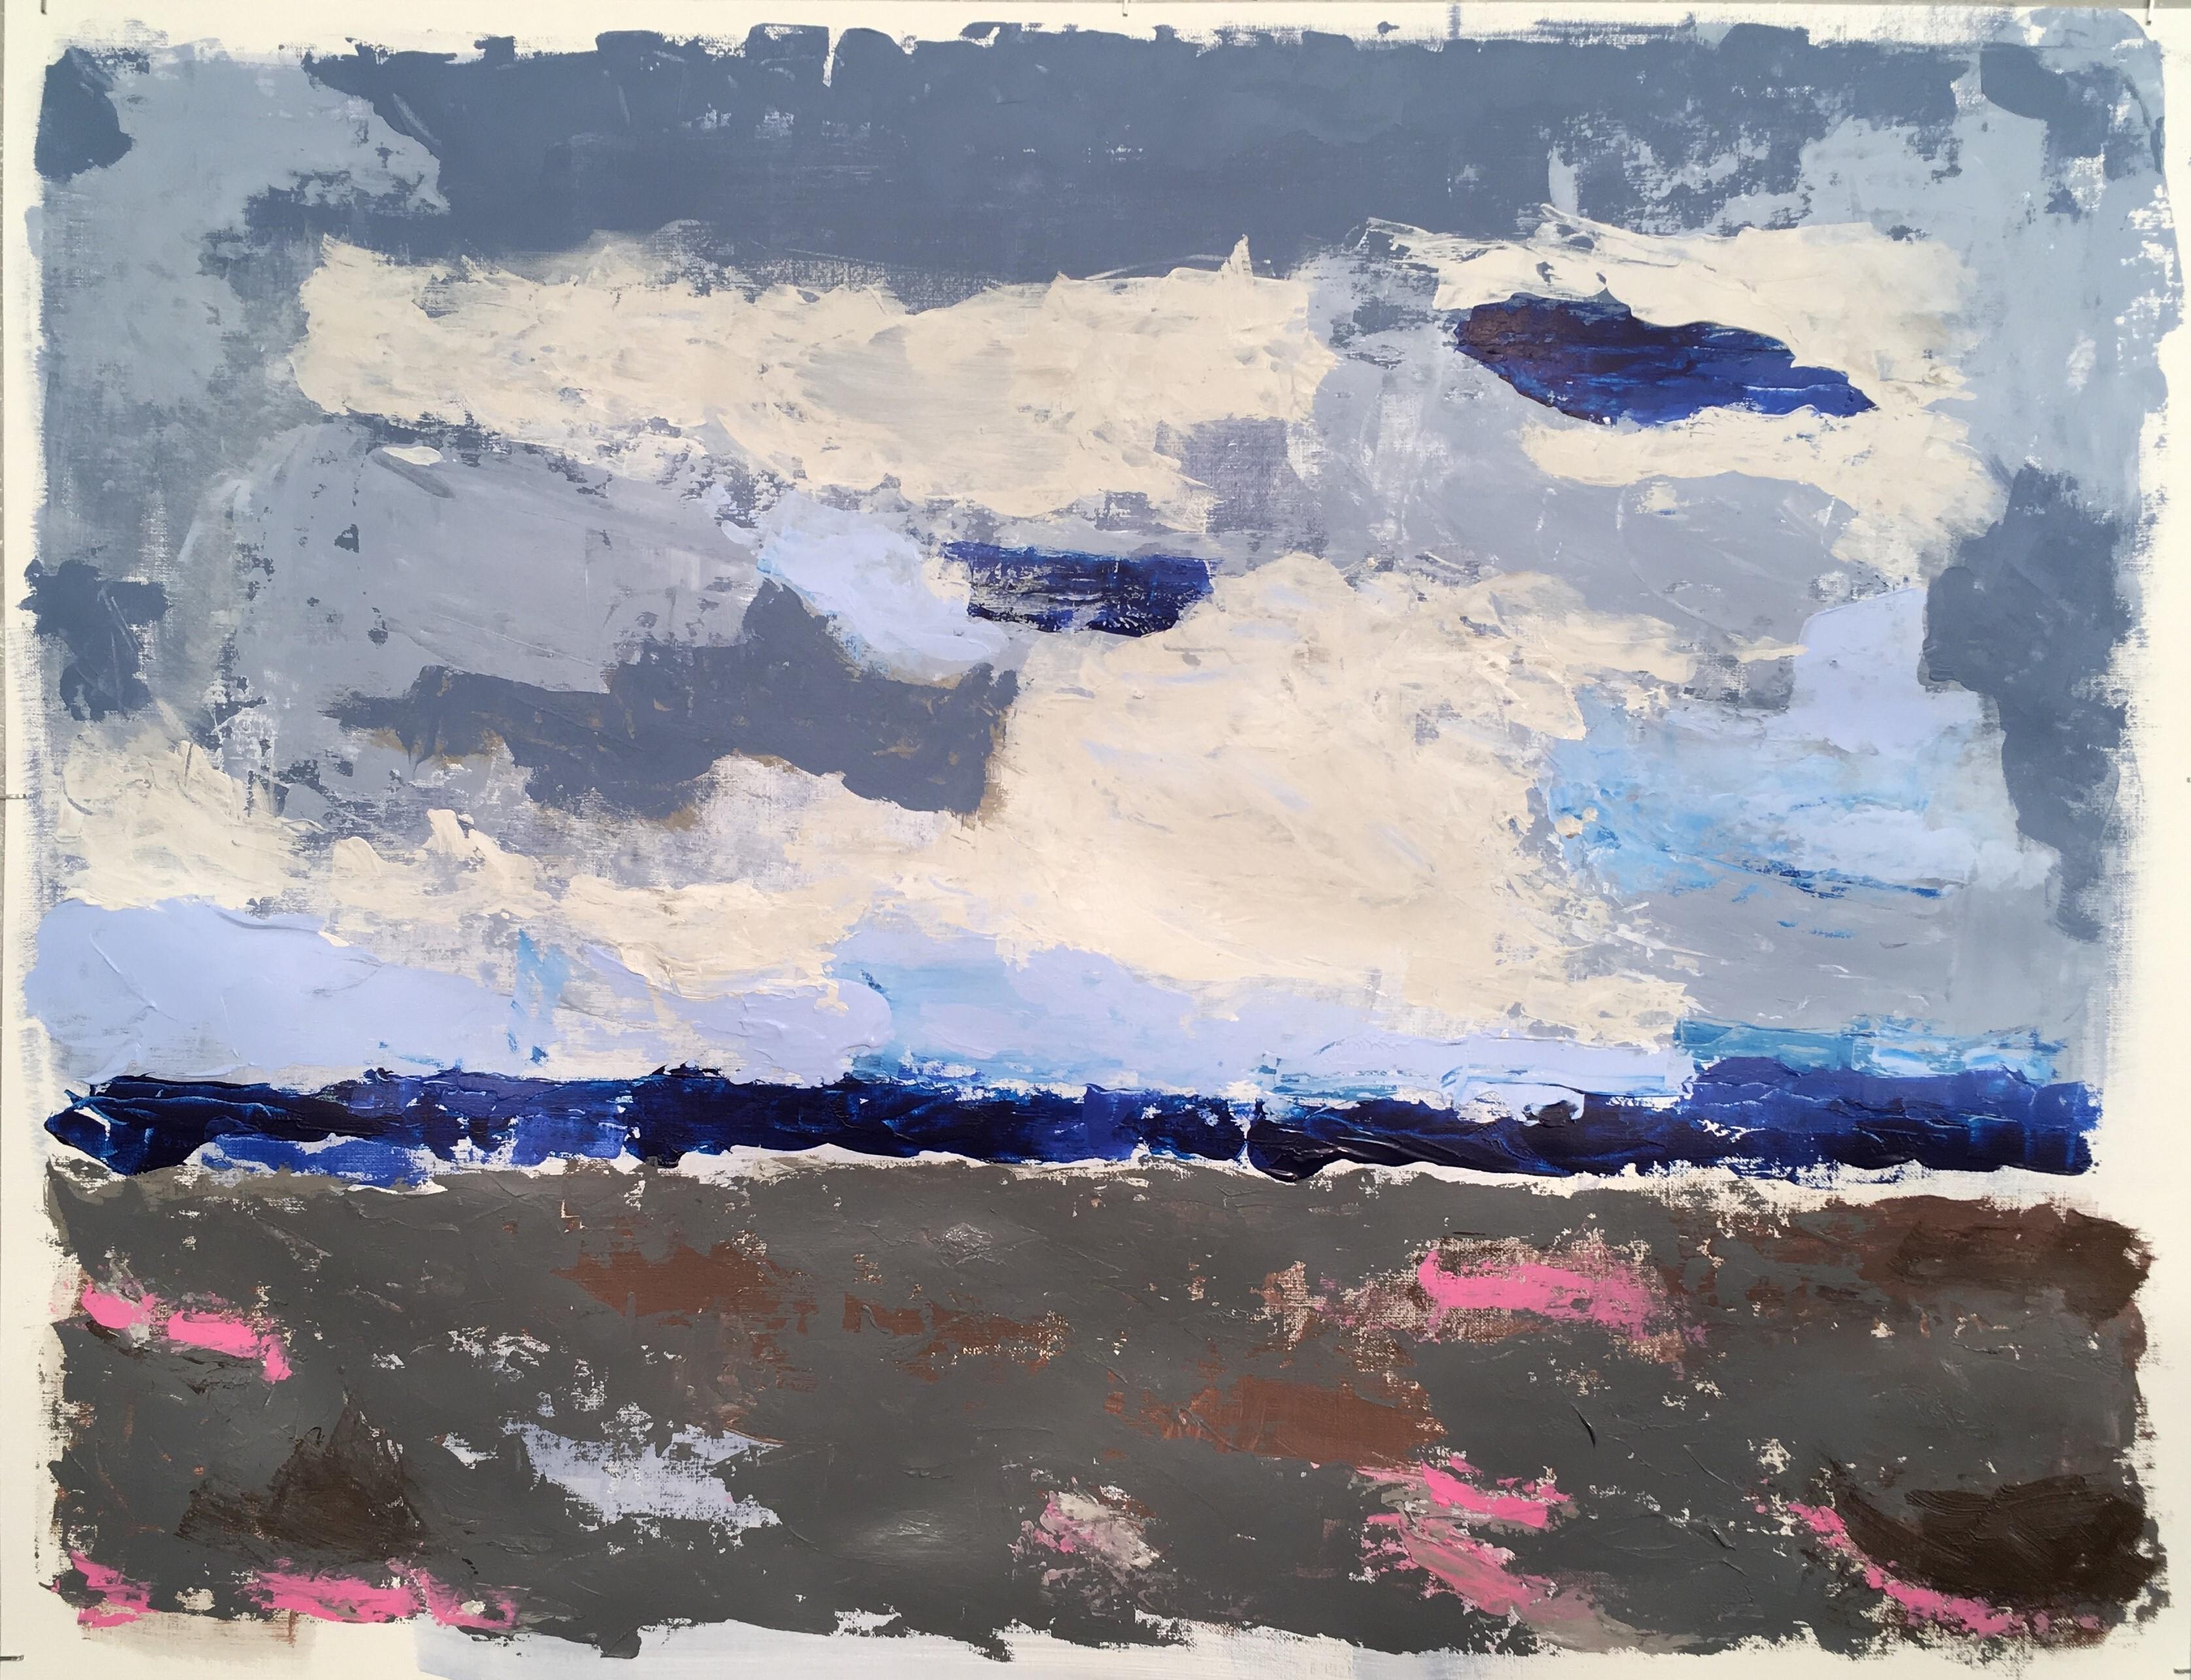 N° 4174 - Acrylique sur papier - 50 x 65 cm - 5 septembre 2018